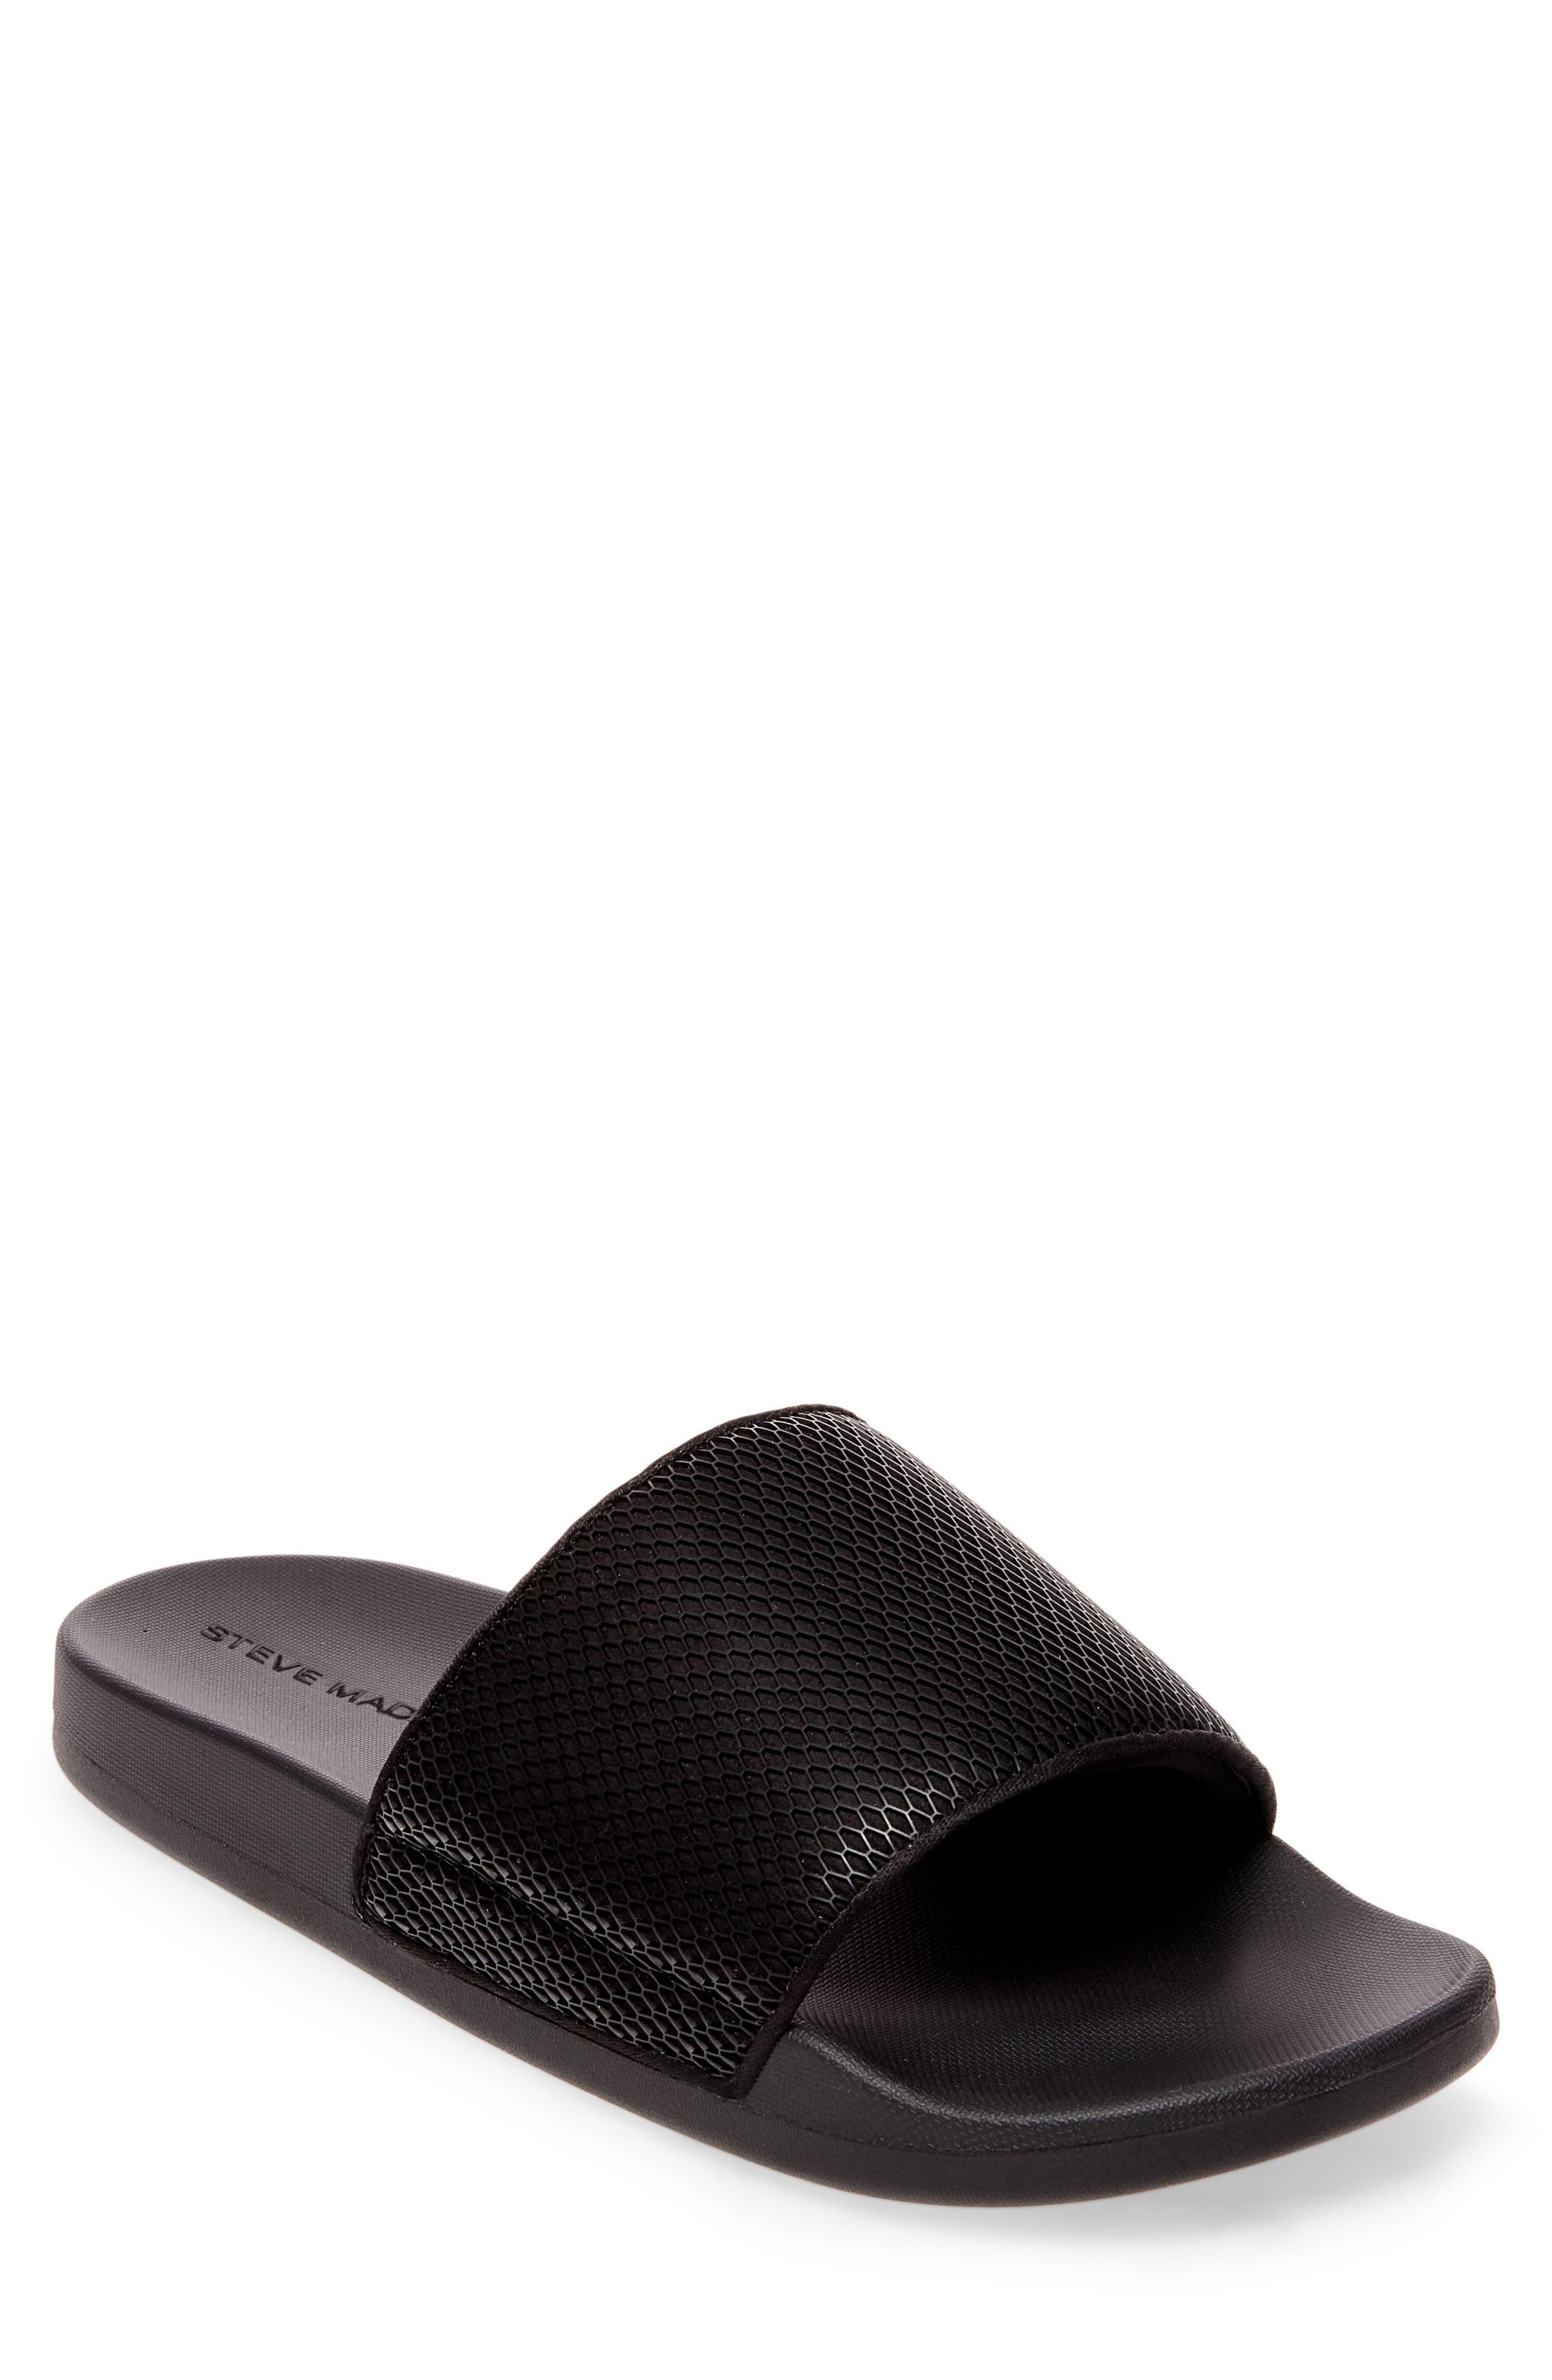 Ransom Slide Sandal,                         Main,                         color, 001